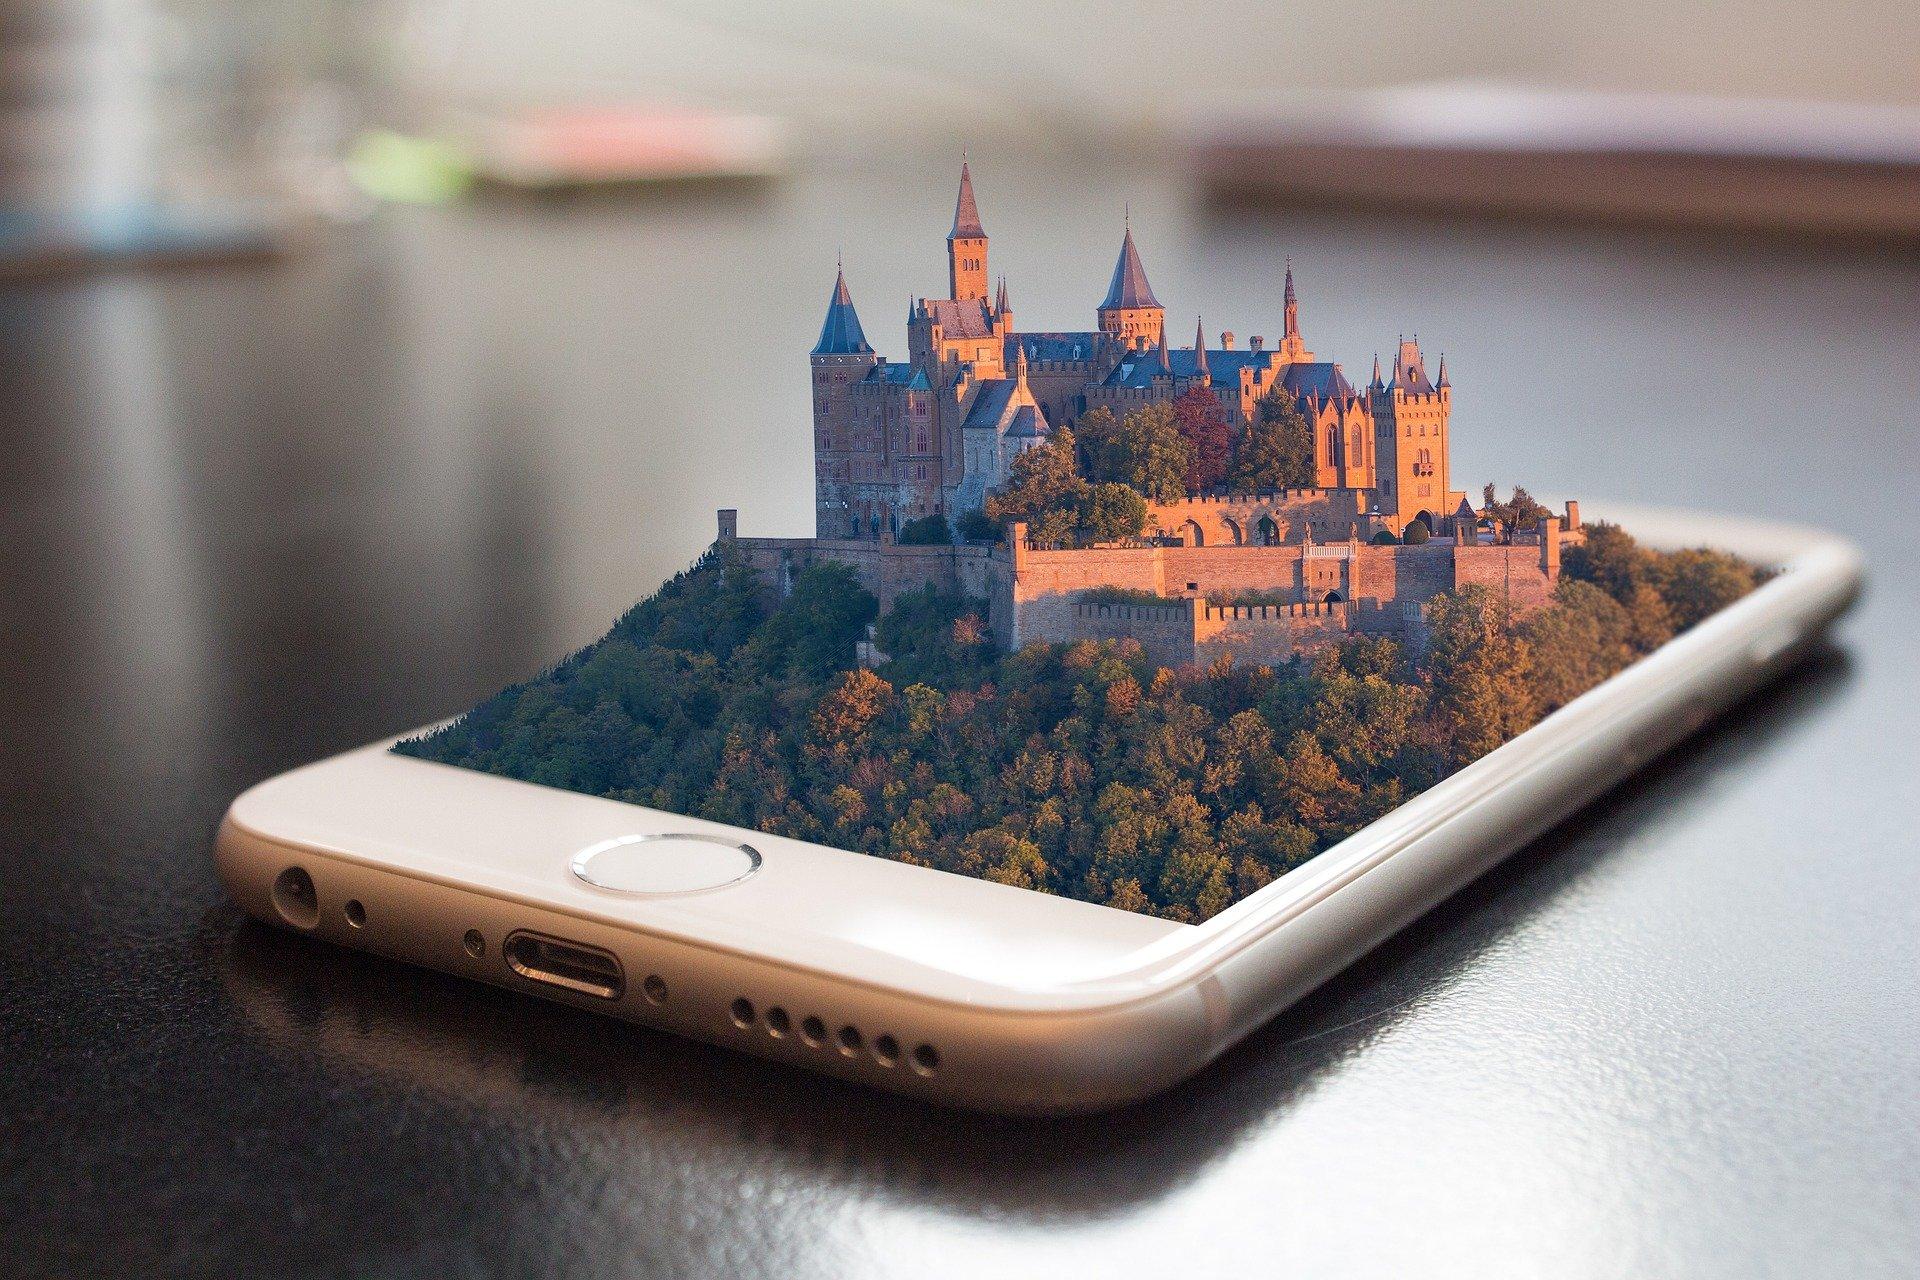 Valkoisesta älypuhelimesta kohoaa kolmiulotteisesti kukkula, jonka laella seisoo linna. Linnaa ympäröi jykevä muuri sekä vihreä metsä.